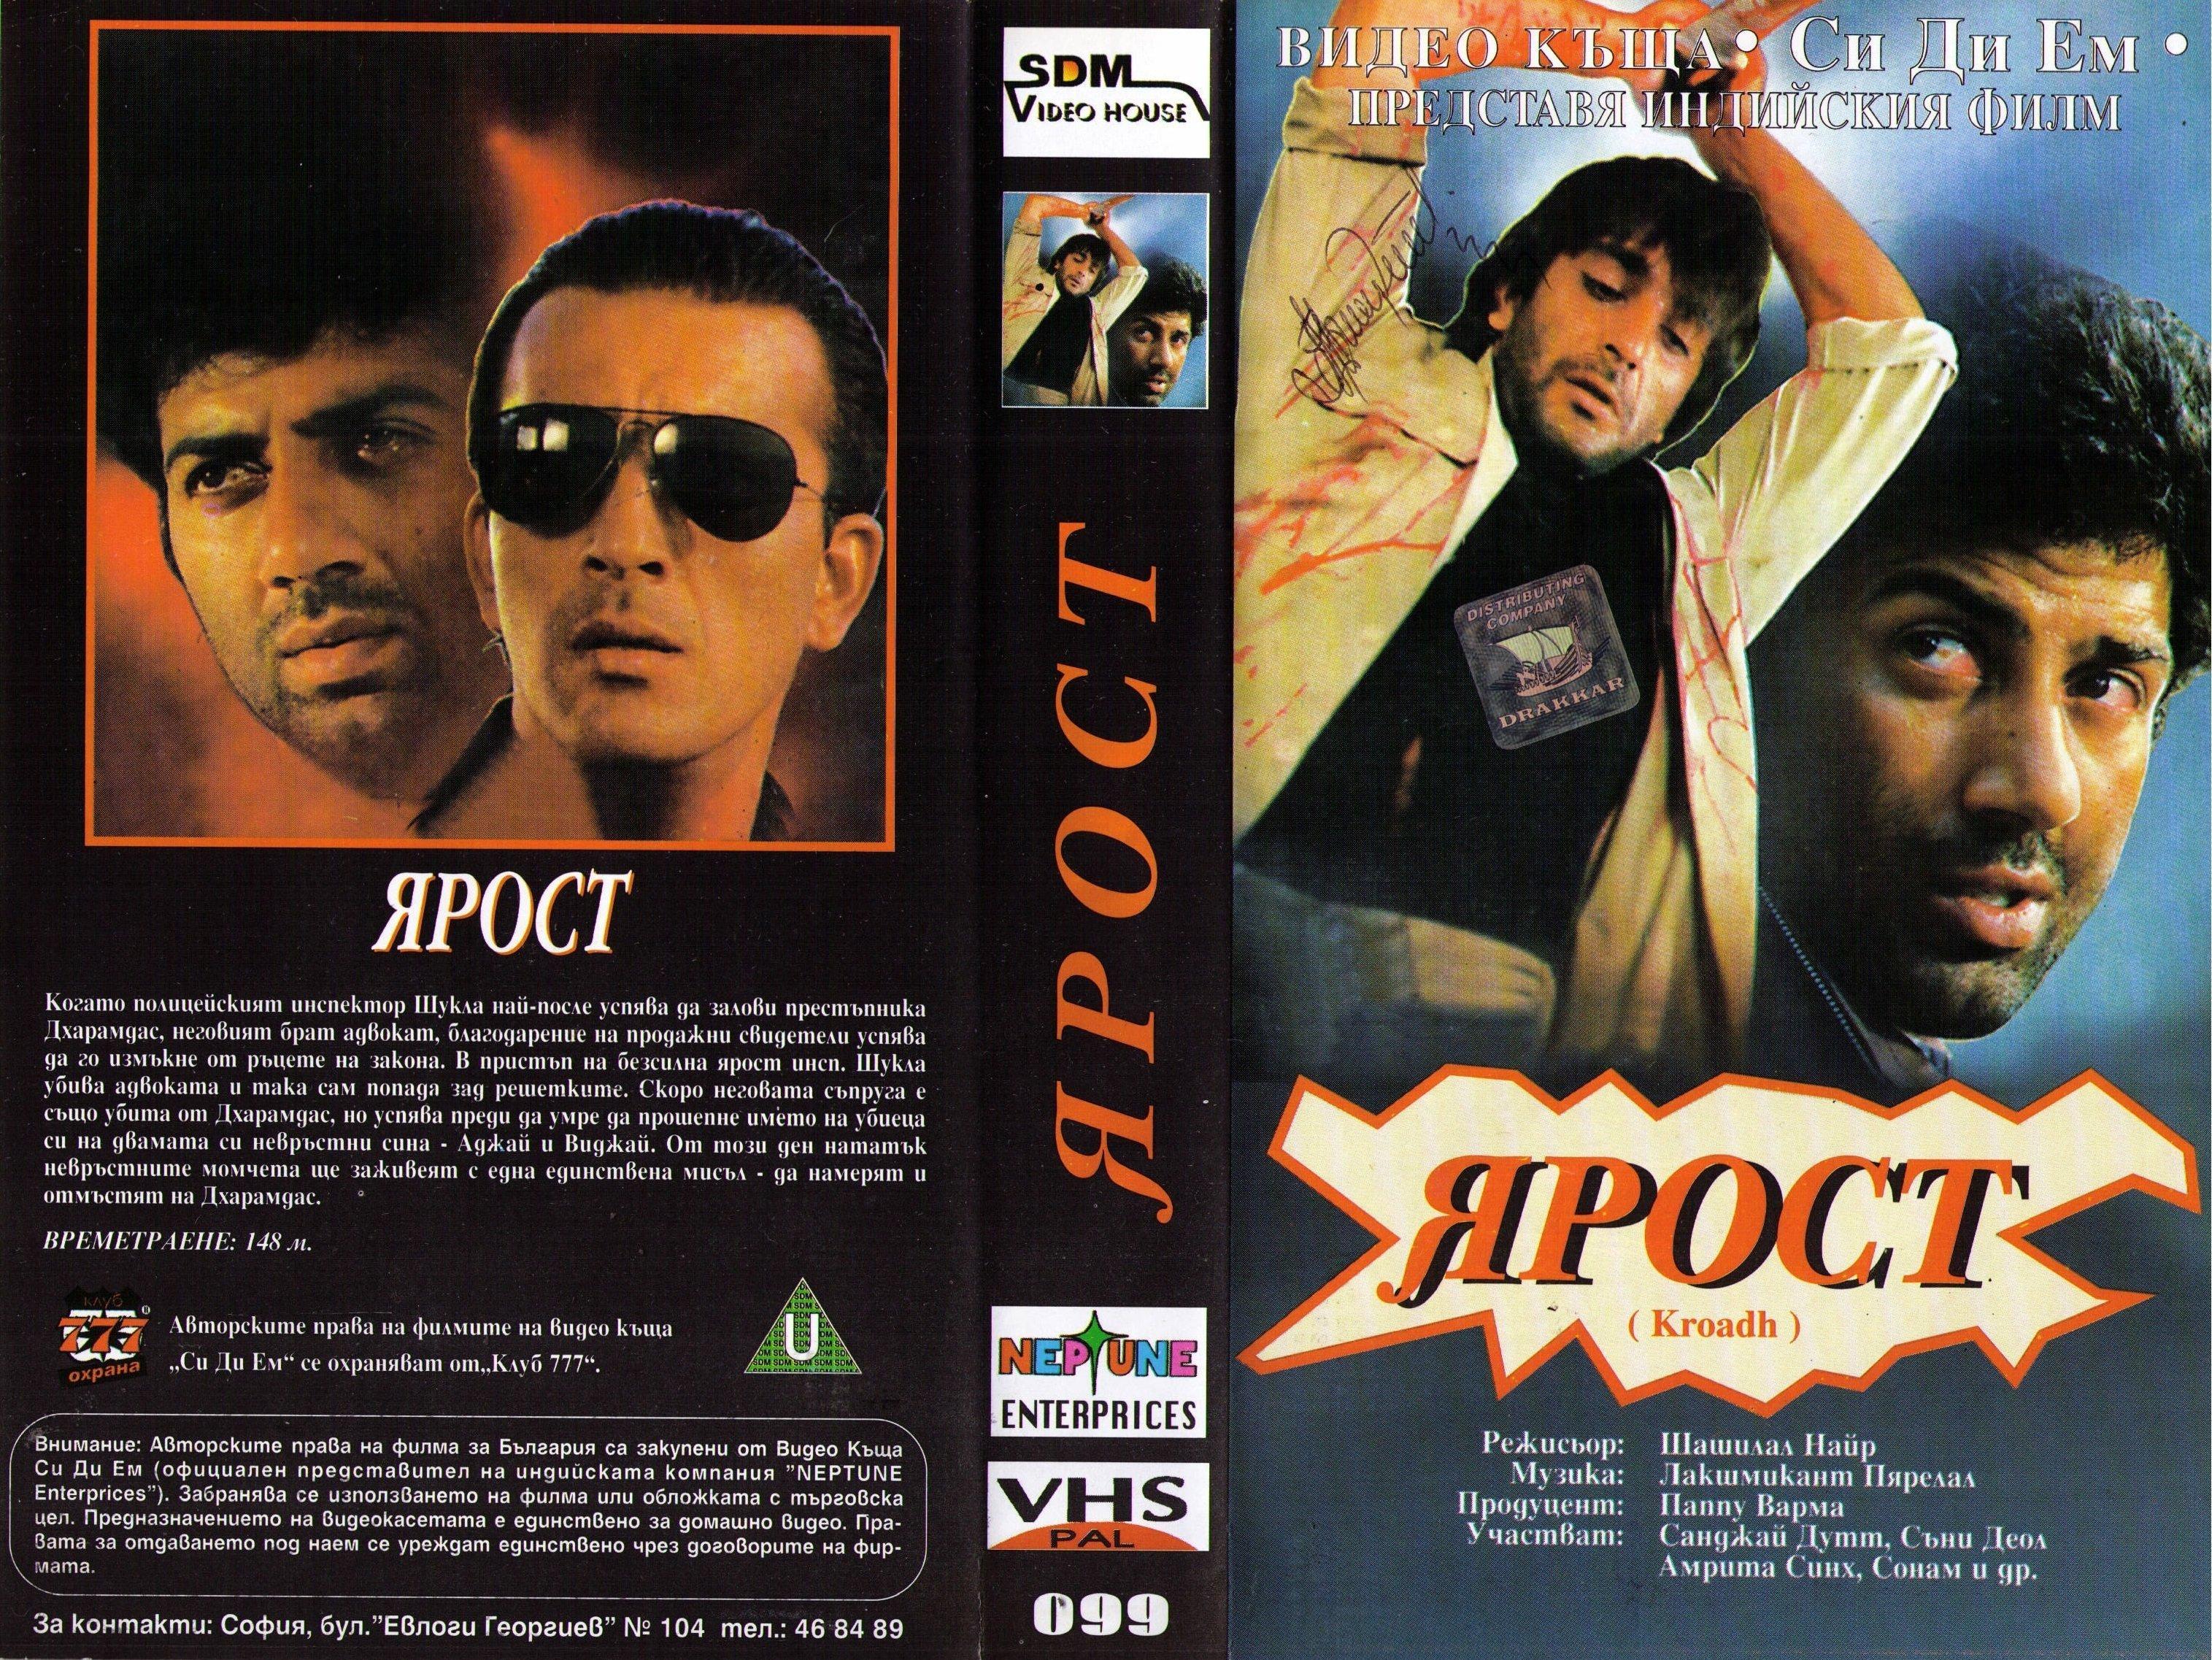 Ярост индийски филм